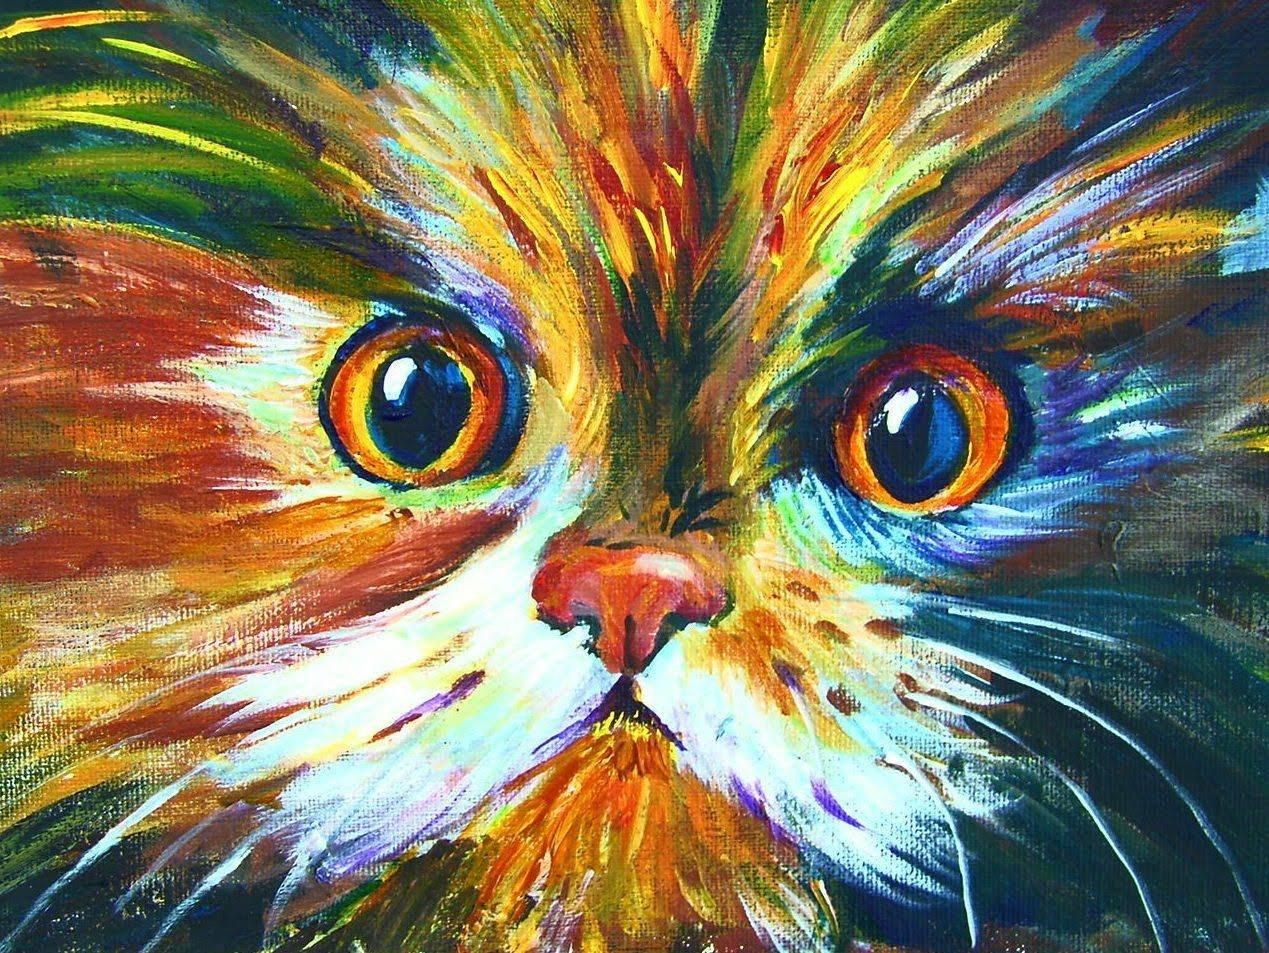 урок рисования акрилом коты фото нищего